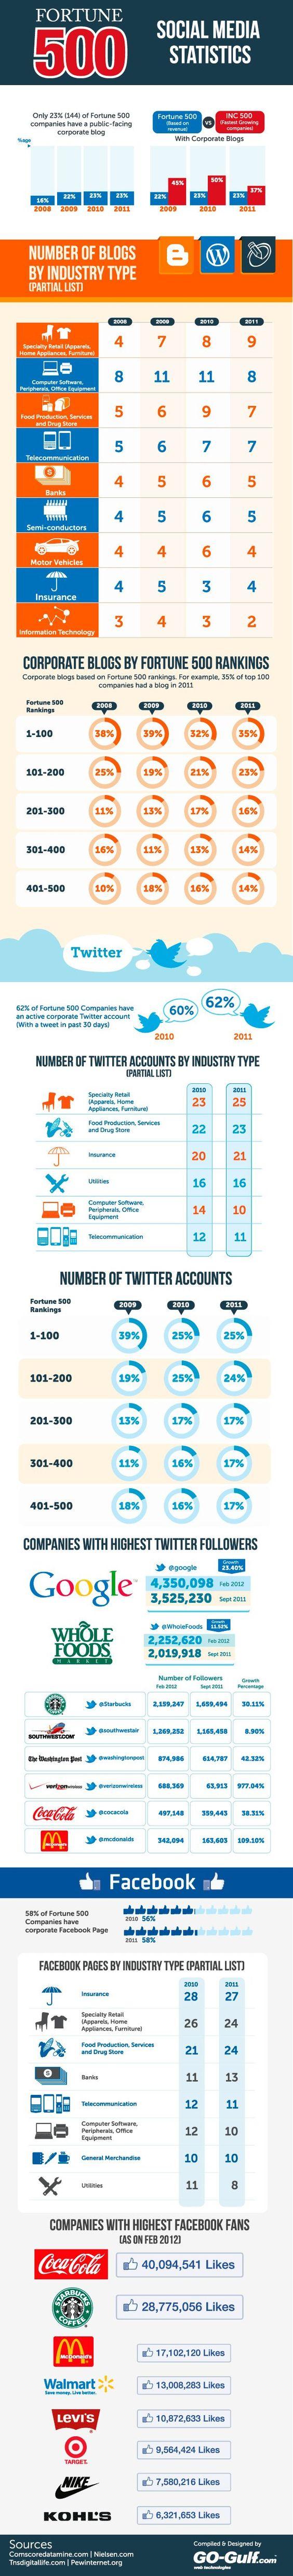 La presencia en los medios sociales de las 500 compañías estadounidenses más importantes, la infografía de la semana